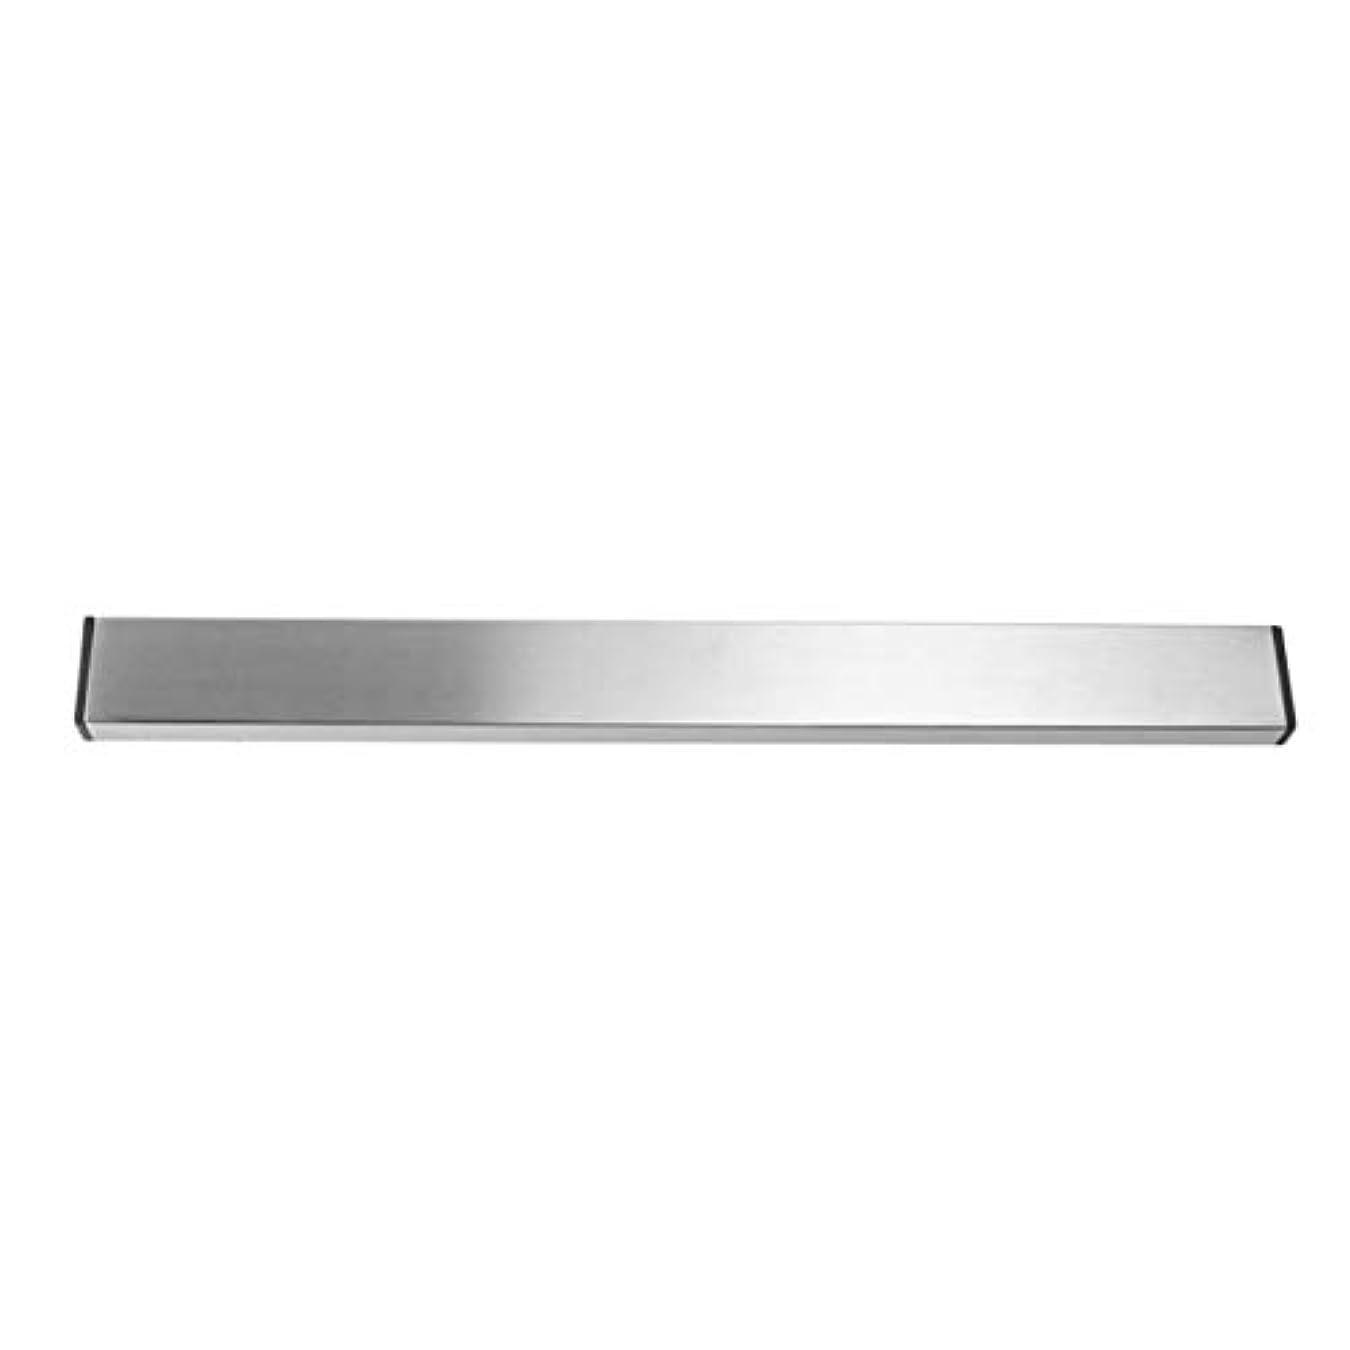 雰囲気採用レビューSaikogoods 実用的なホーム台所の壁マウントされた磁気ナイフホルダー耐久性のあるステンレススチール簡単に保存ナイフは台所用具ラック 銀 M